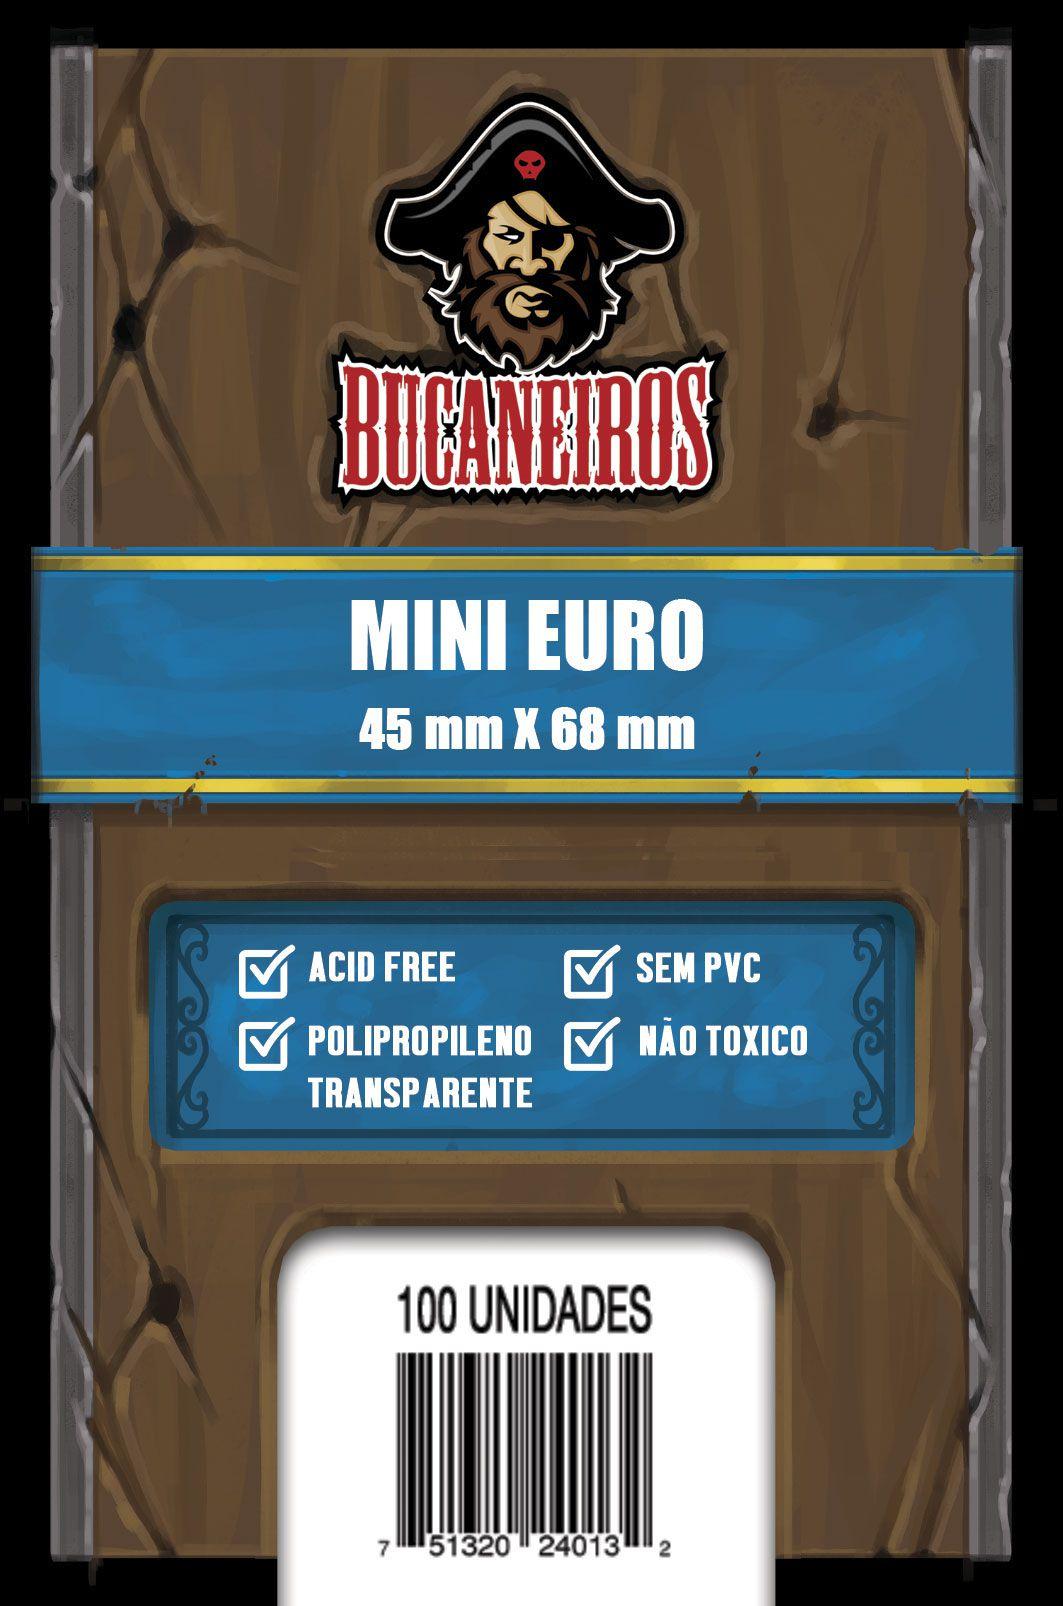 Sleeve Mini Euro - (45x68) - Bucaneiros